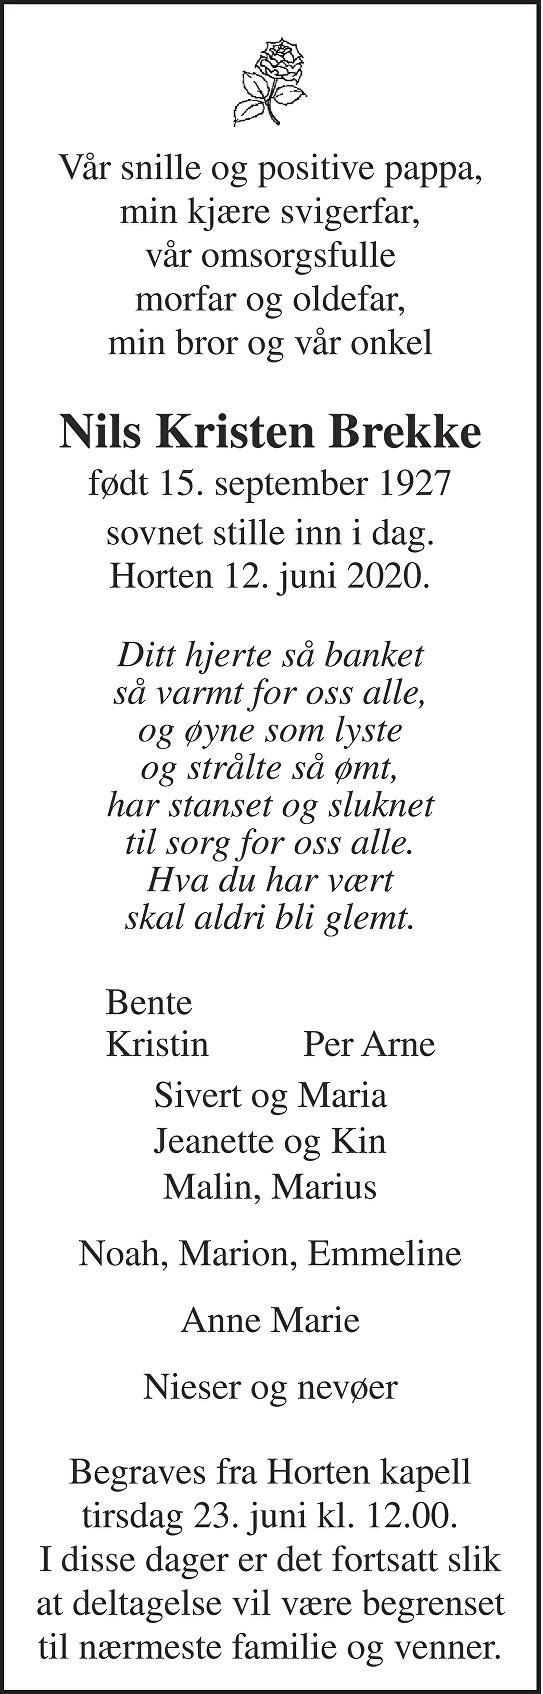 Nils Kristen Brekke Dødsannonse